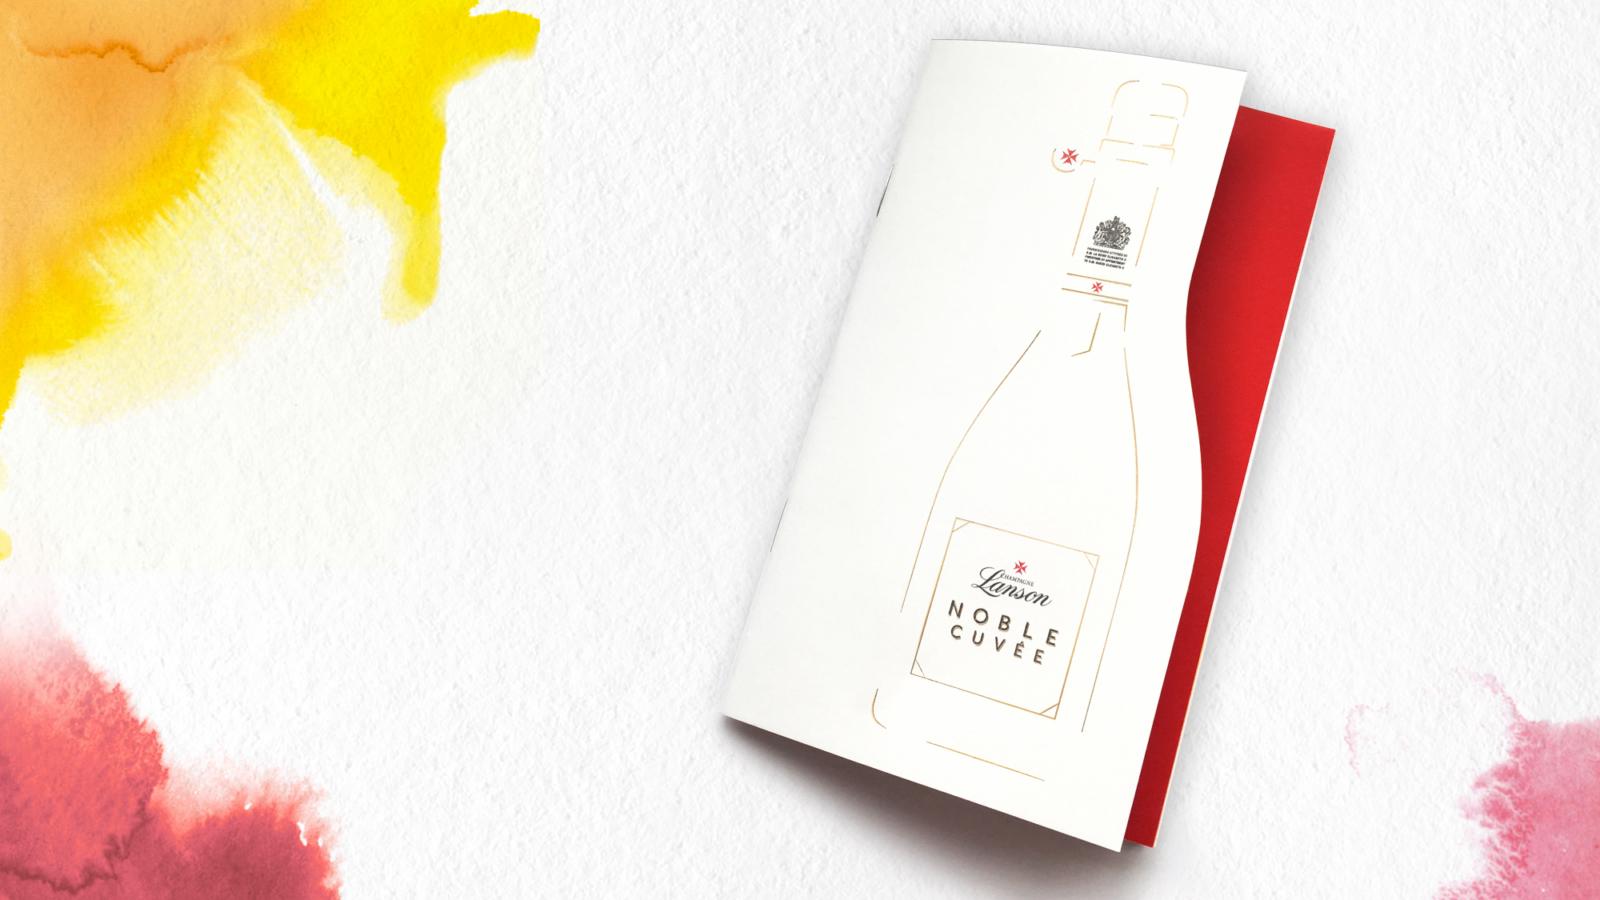 Lanson Noble Cuvée - Un design pensé par l'agence de design de Paris Partisan du Sens.